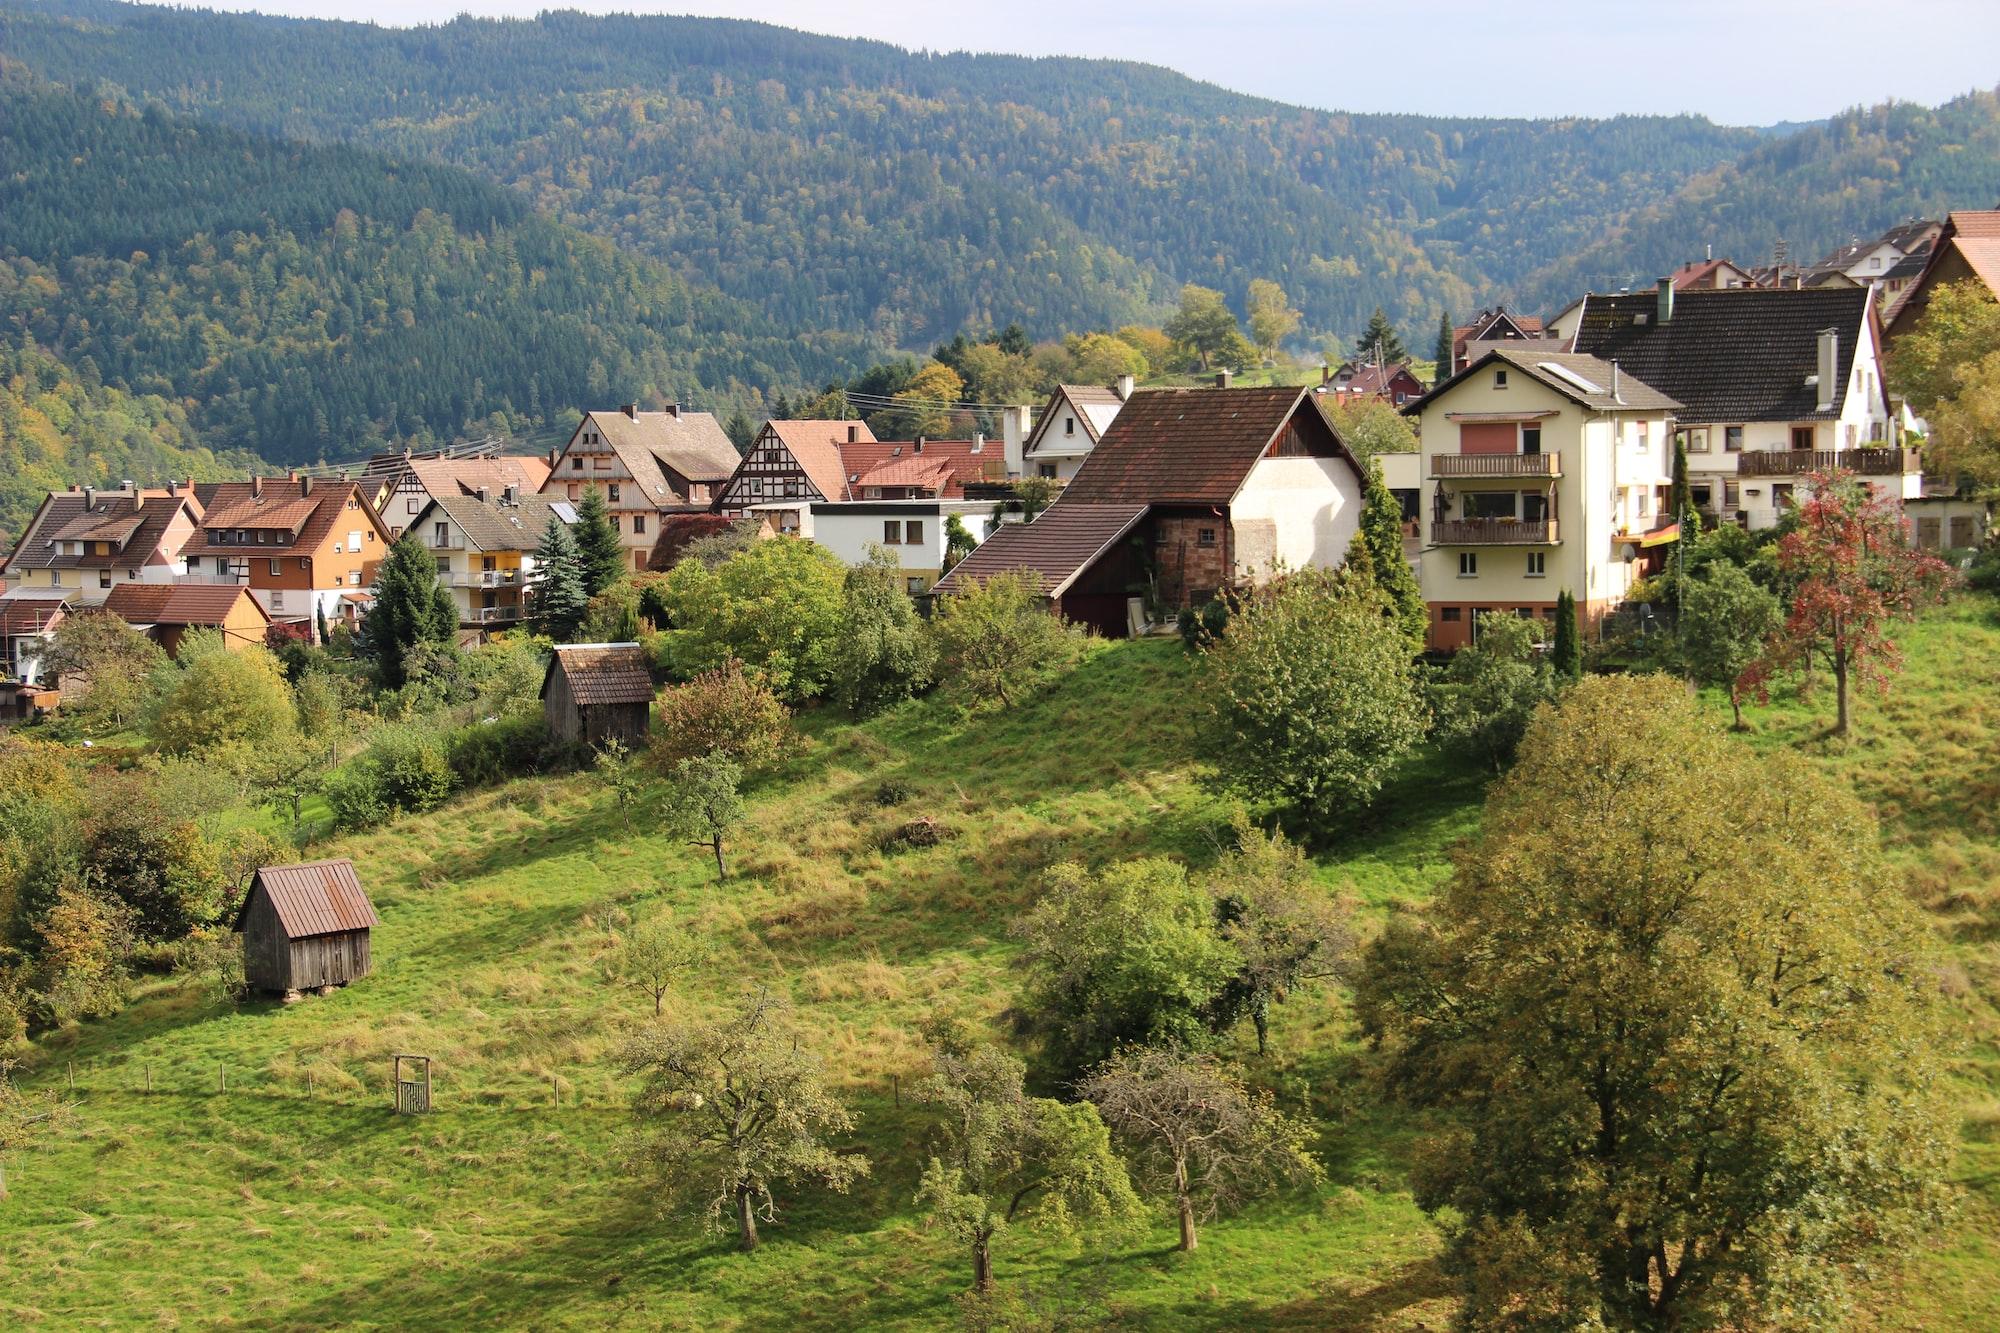 Black Forest, Schwarzwald - Germany